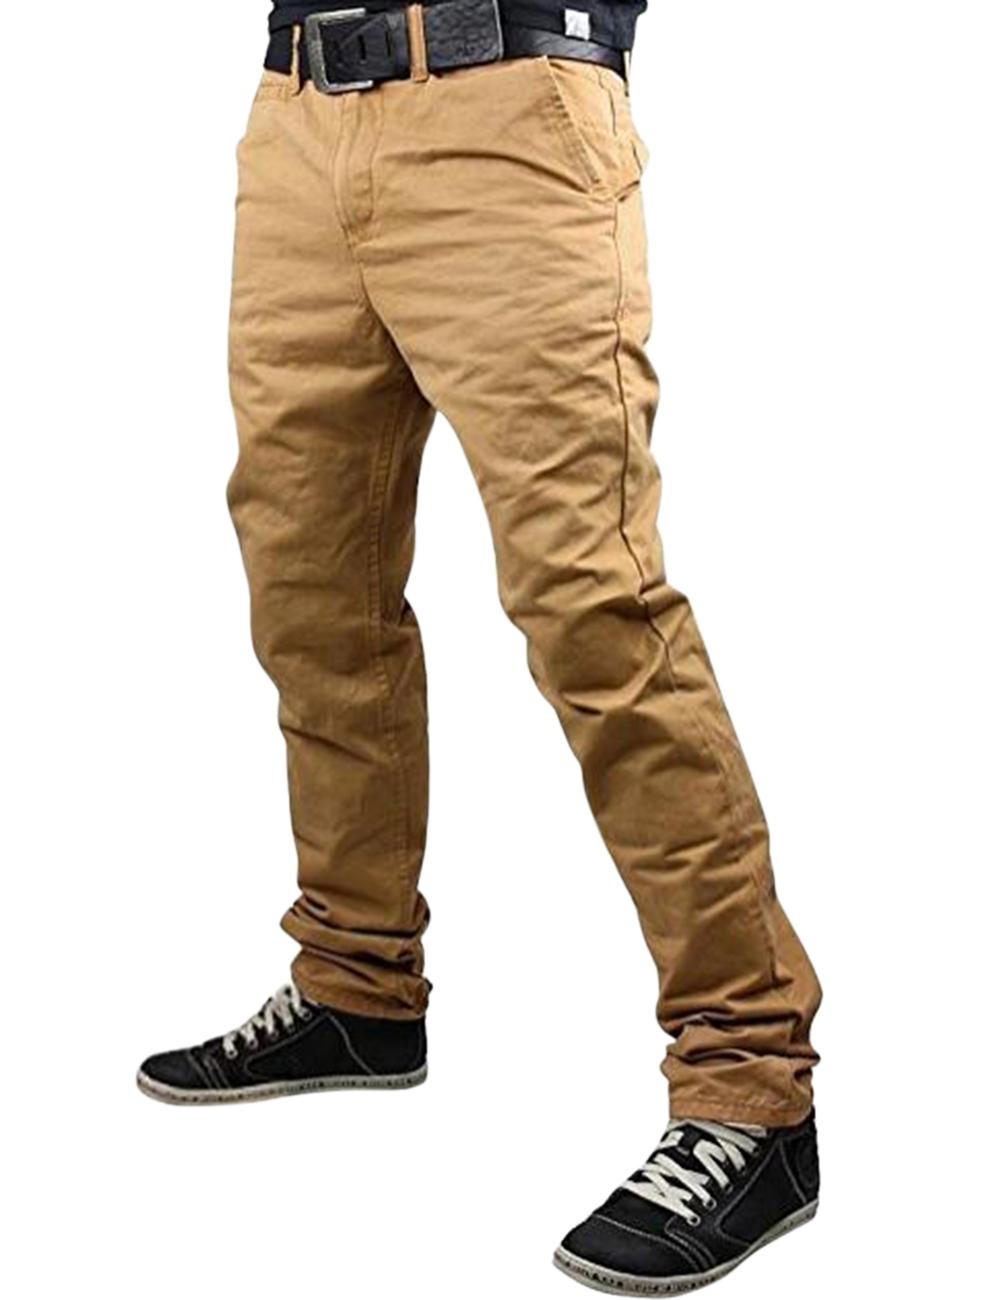 Fashionable Men Solid Color Trousers Business Straight-leg Pants Casual Cotton Pants Khaki_2XL